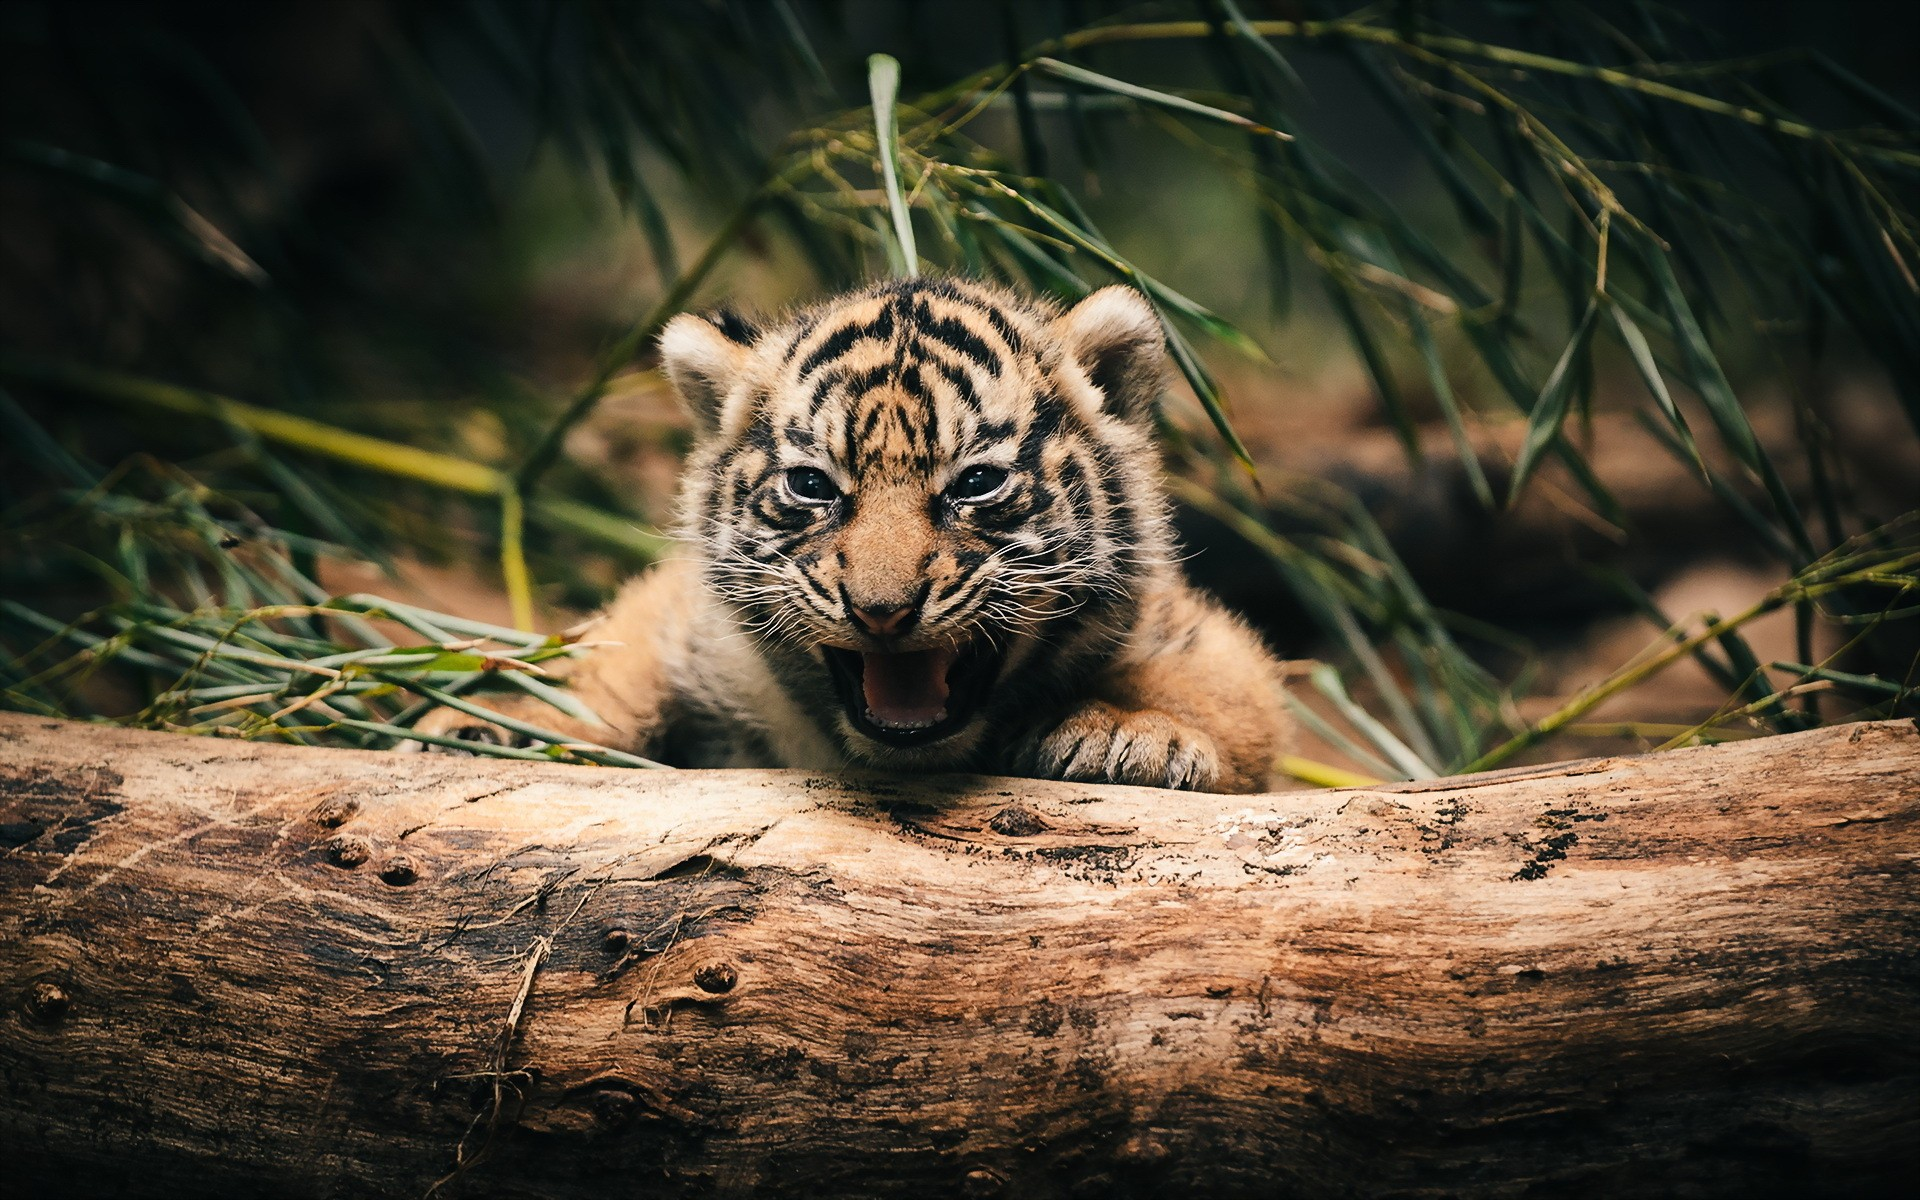 Cute Little Tiger 37108 HD Wallpaper Res 1920x1200 DesktopAScom 1920x1200